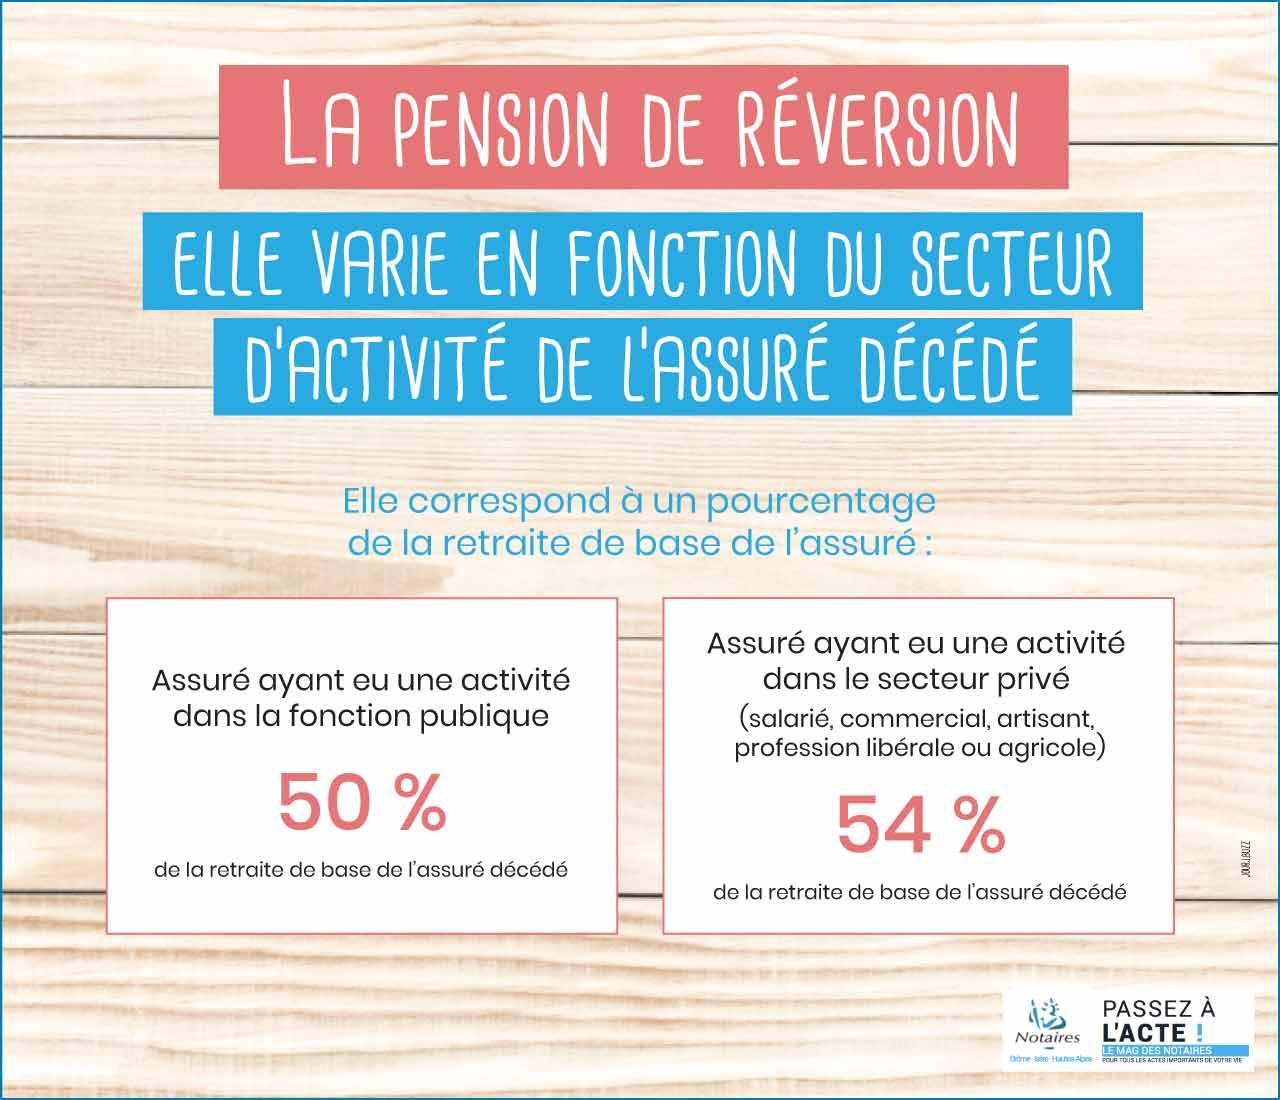 pension-de-reversion-infographie